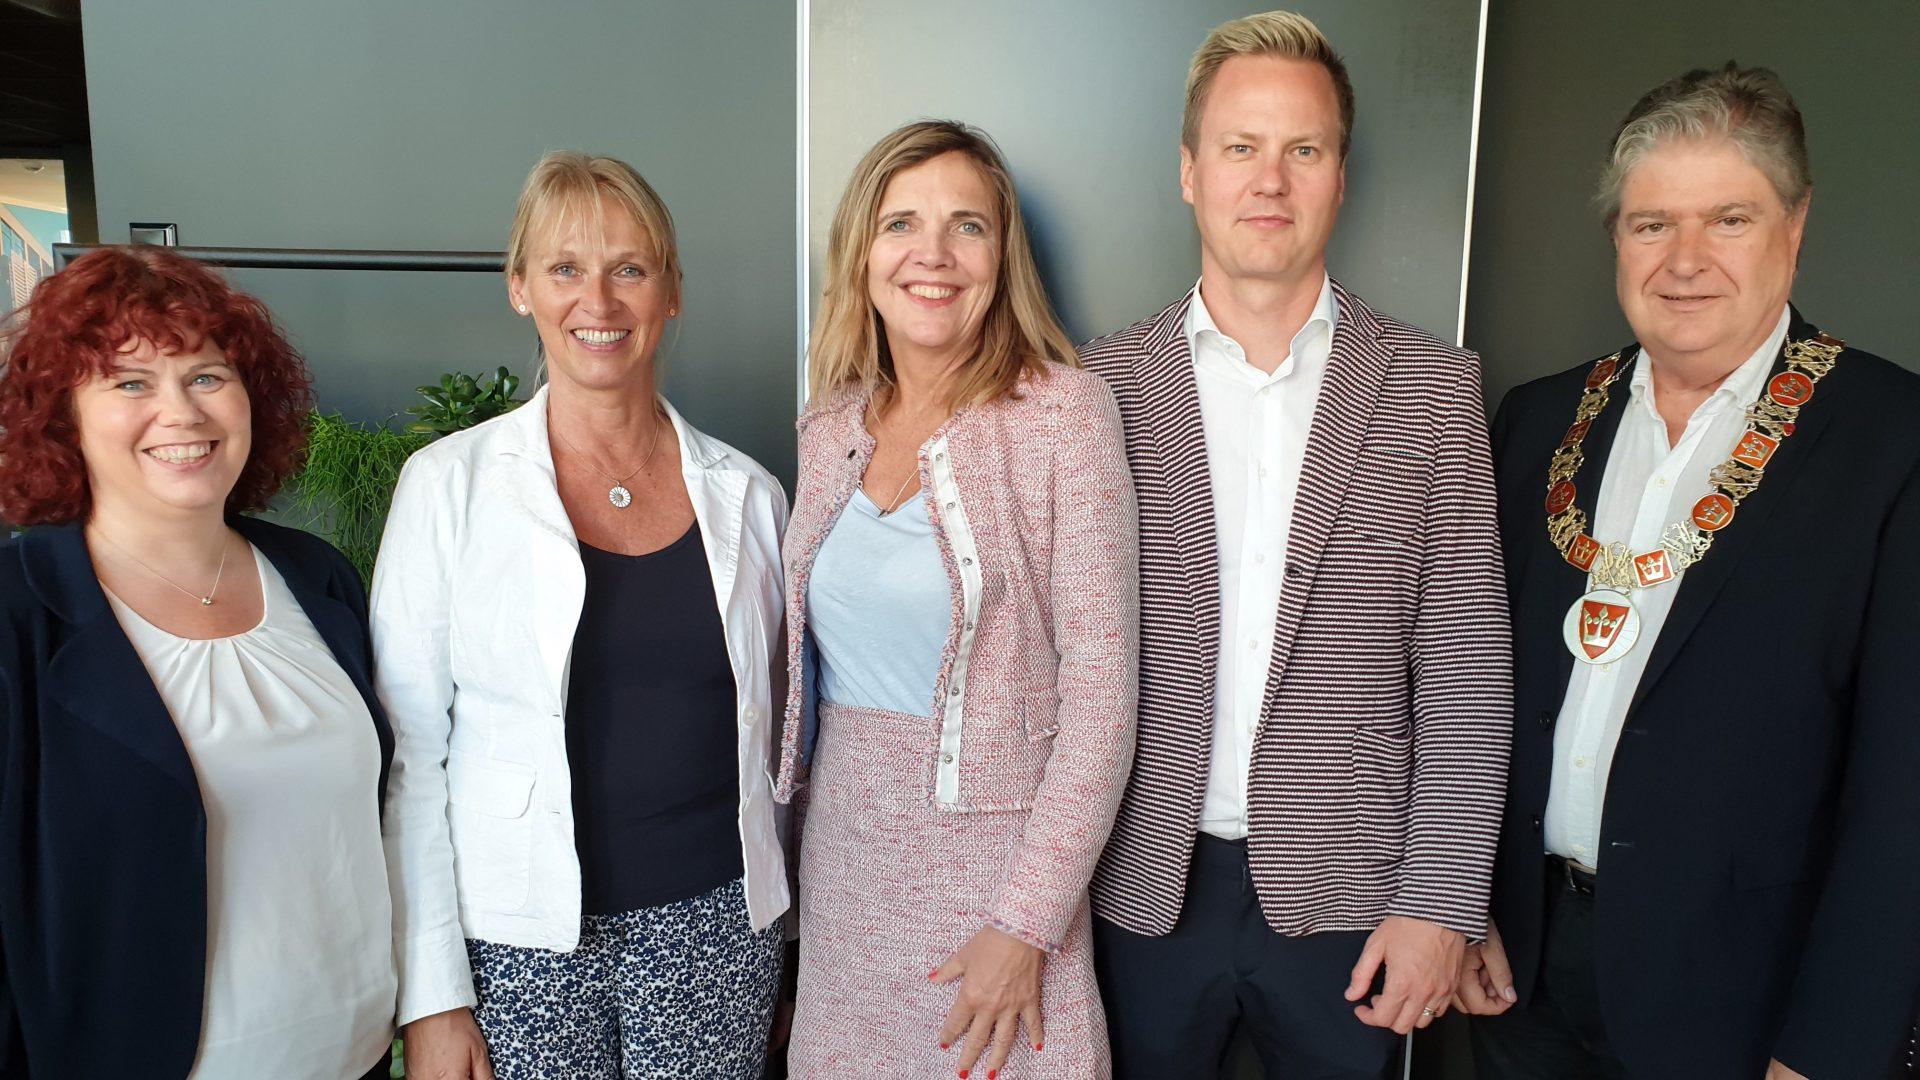 Fra venstre: Karianne Schmidt Vindenes (leder av Vestfoldarkivet), Ingrid Nøstberg (leder av Norsk bergindustriarkiv), Inga Bolstad (riksarkivar), Thor-Anders Lundh Håkestad (ad. dir. i Lundhs AS), Kåre Pettersen (fylkesvaraordfører i Vestfold). FOTO: Hanne Bergby Olsen, Vestfoldmuseene.